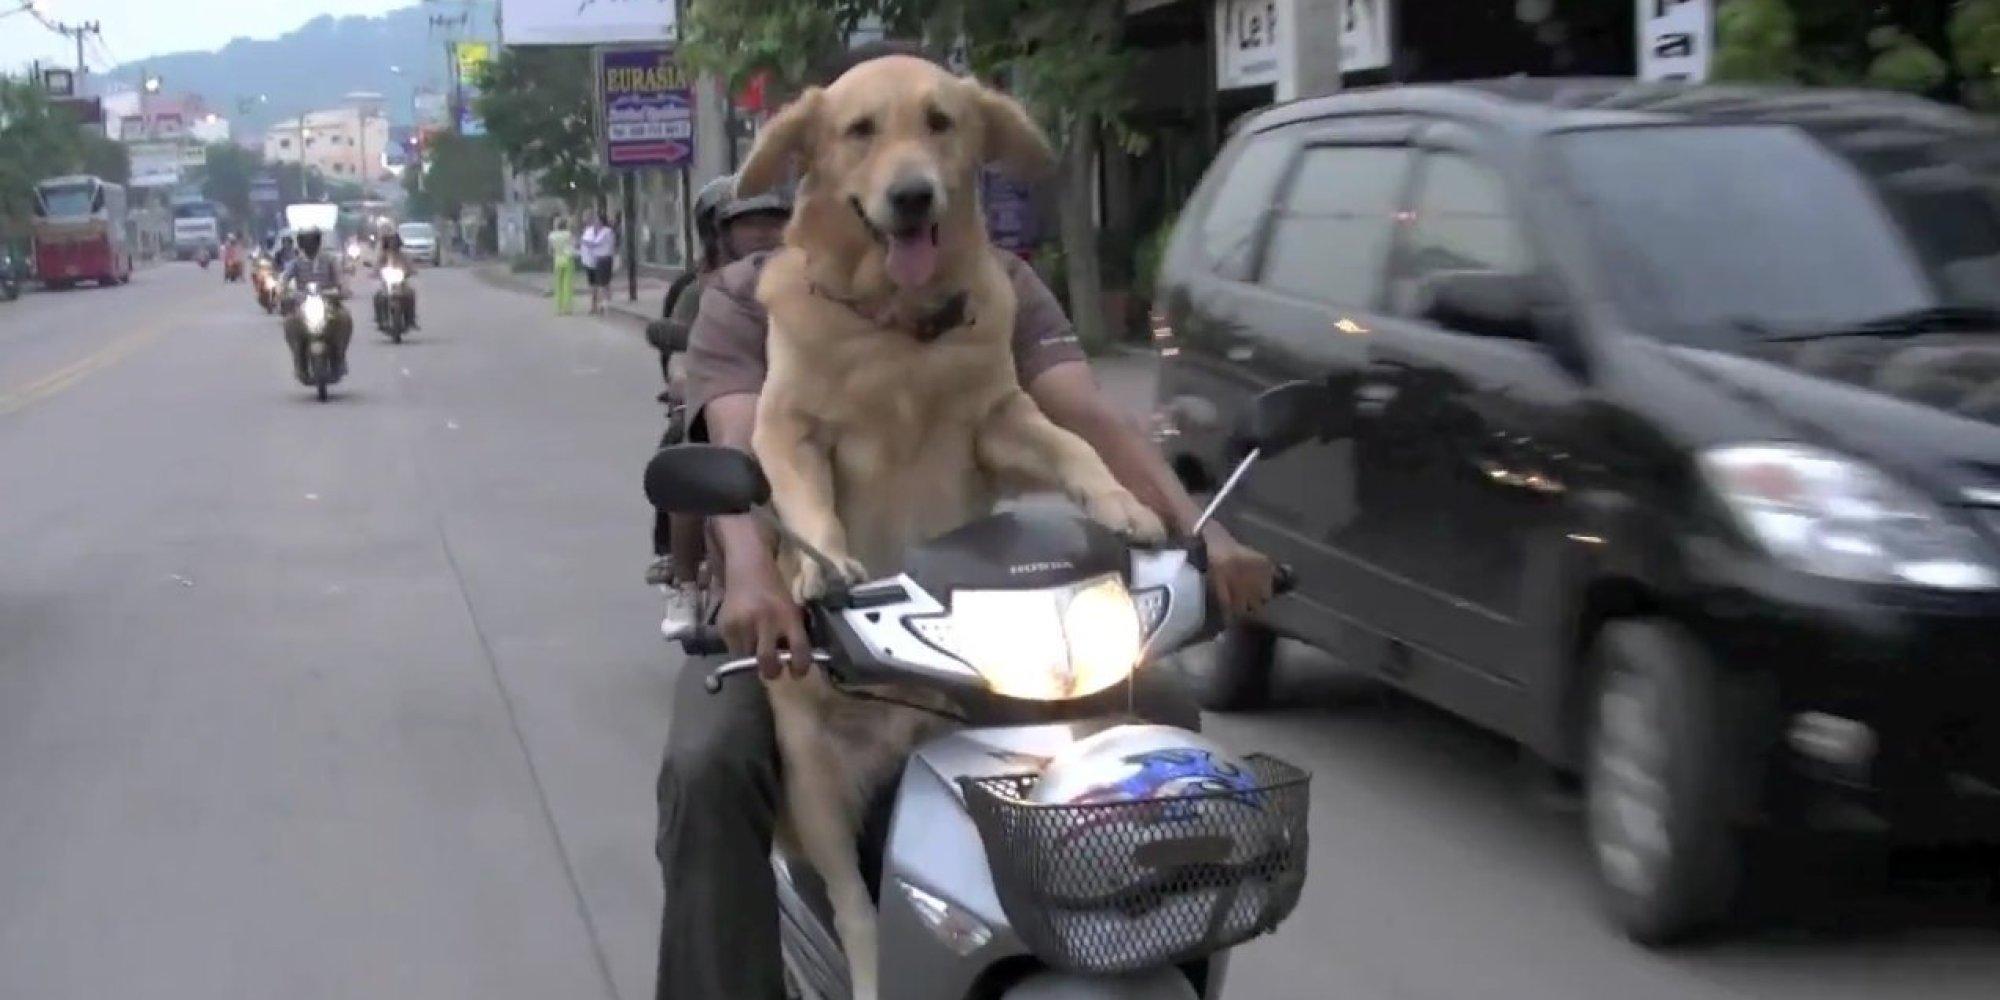 Dogs On Hogs Rebel Pups Take Summer Motorcycle Rides